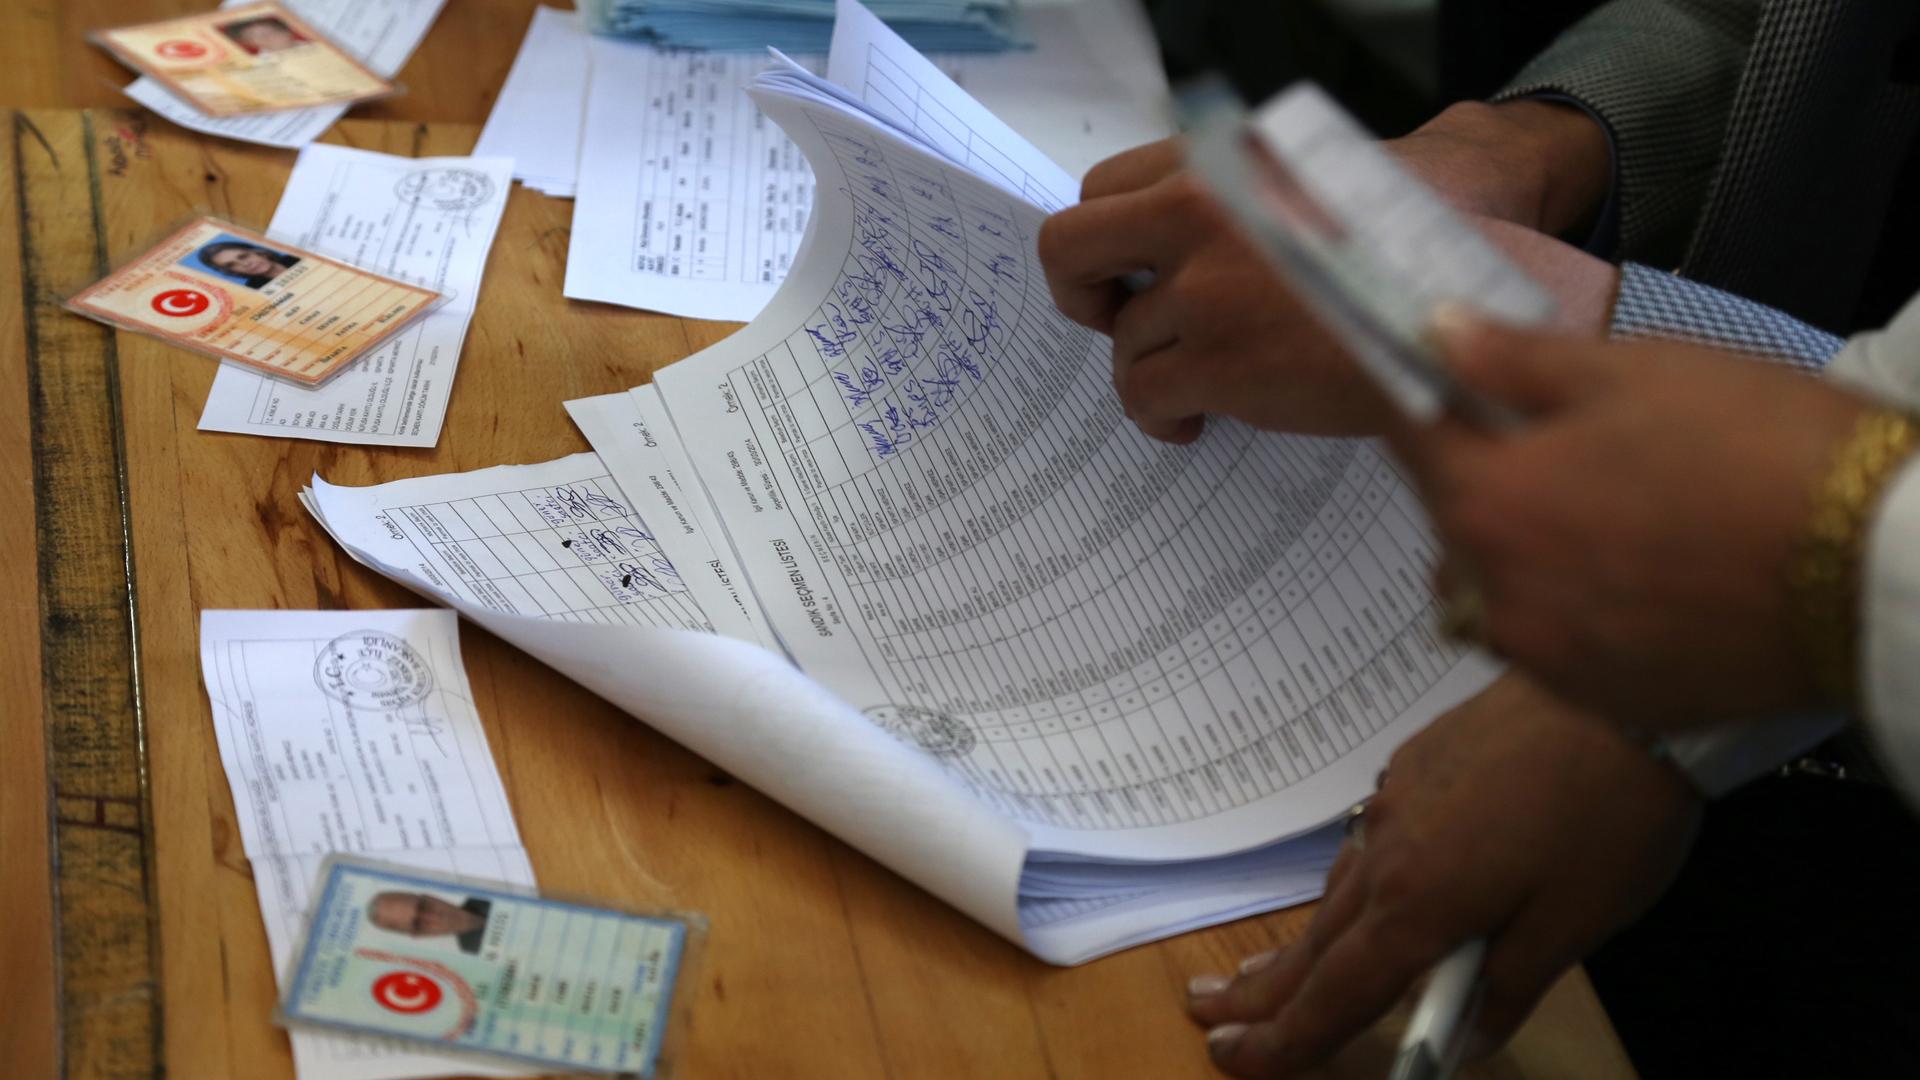 YSK HDP'nin yüzde 80 oy çıkardığı sandıkları taşıyacak